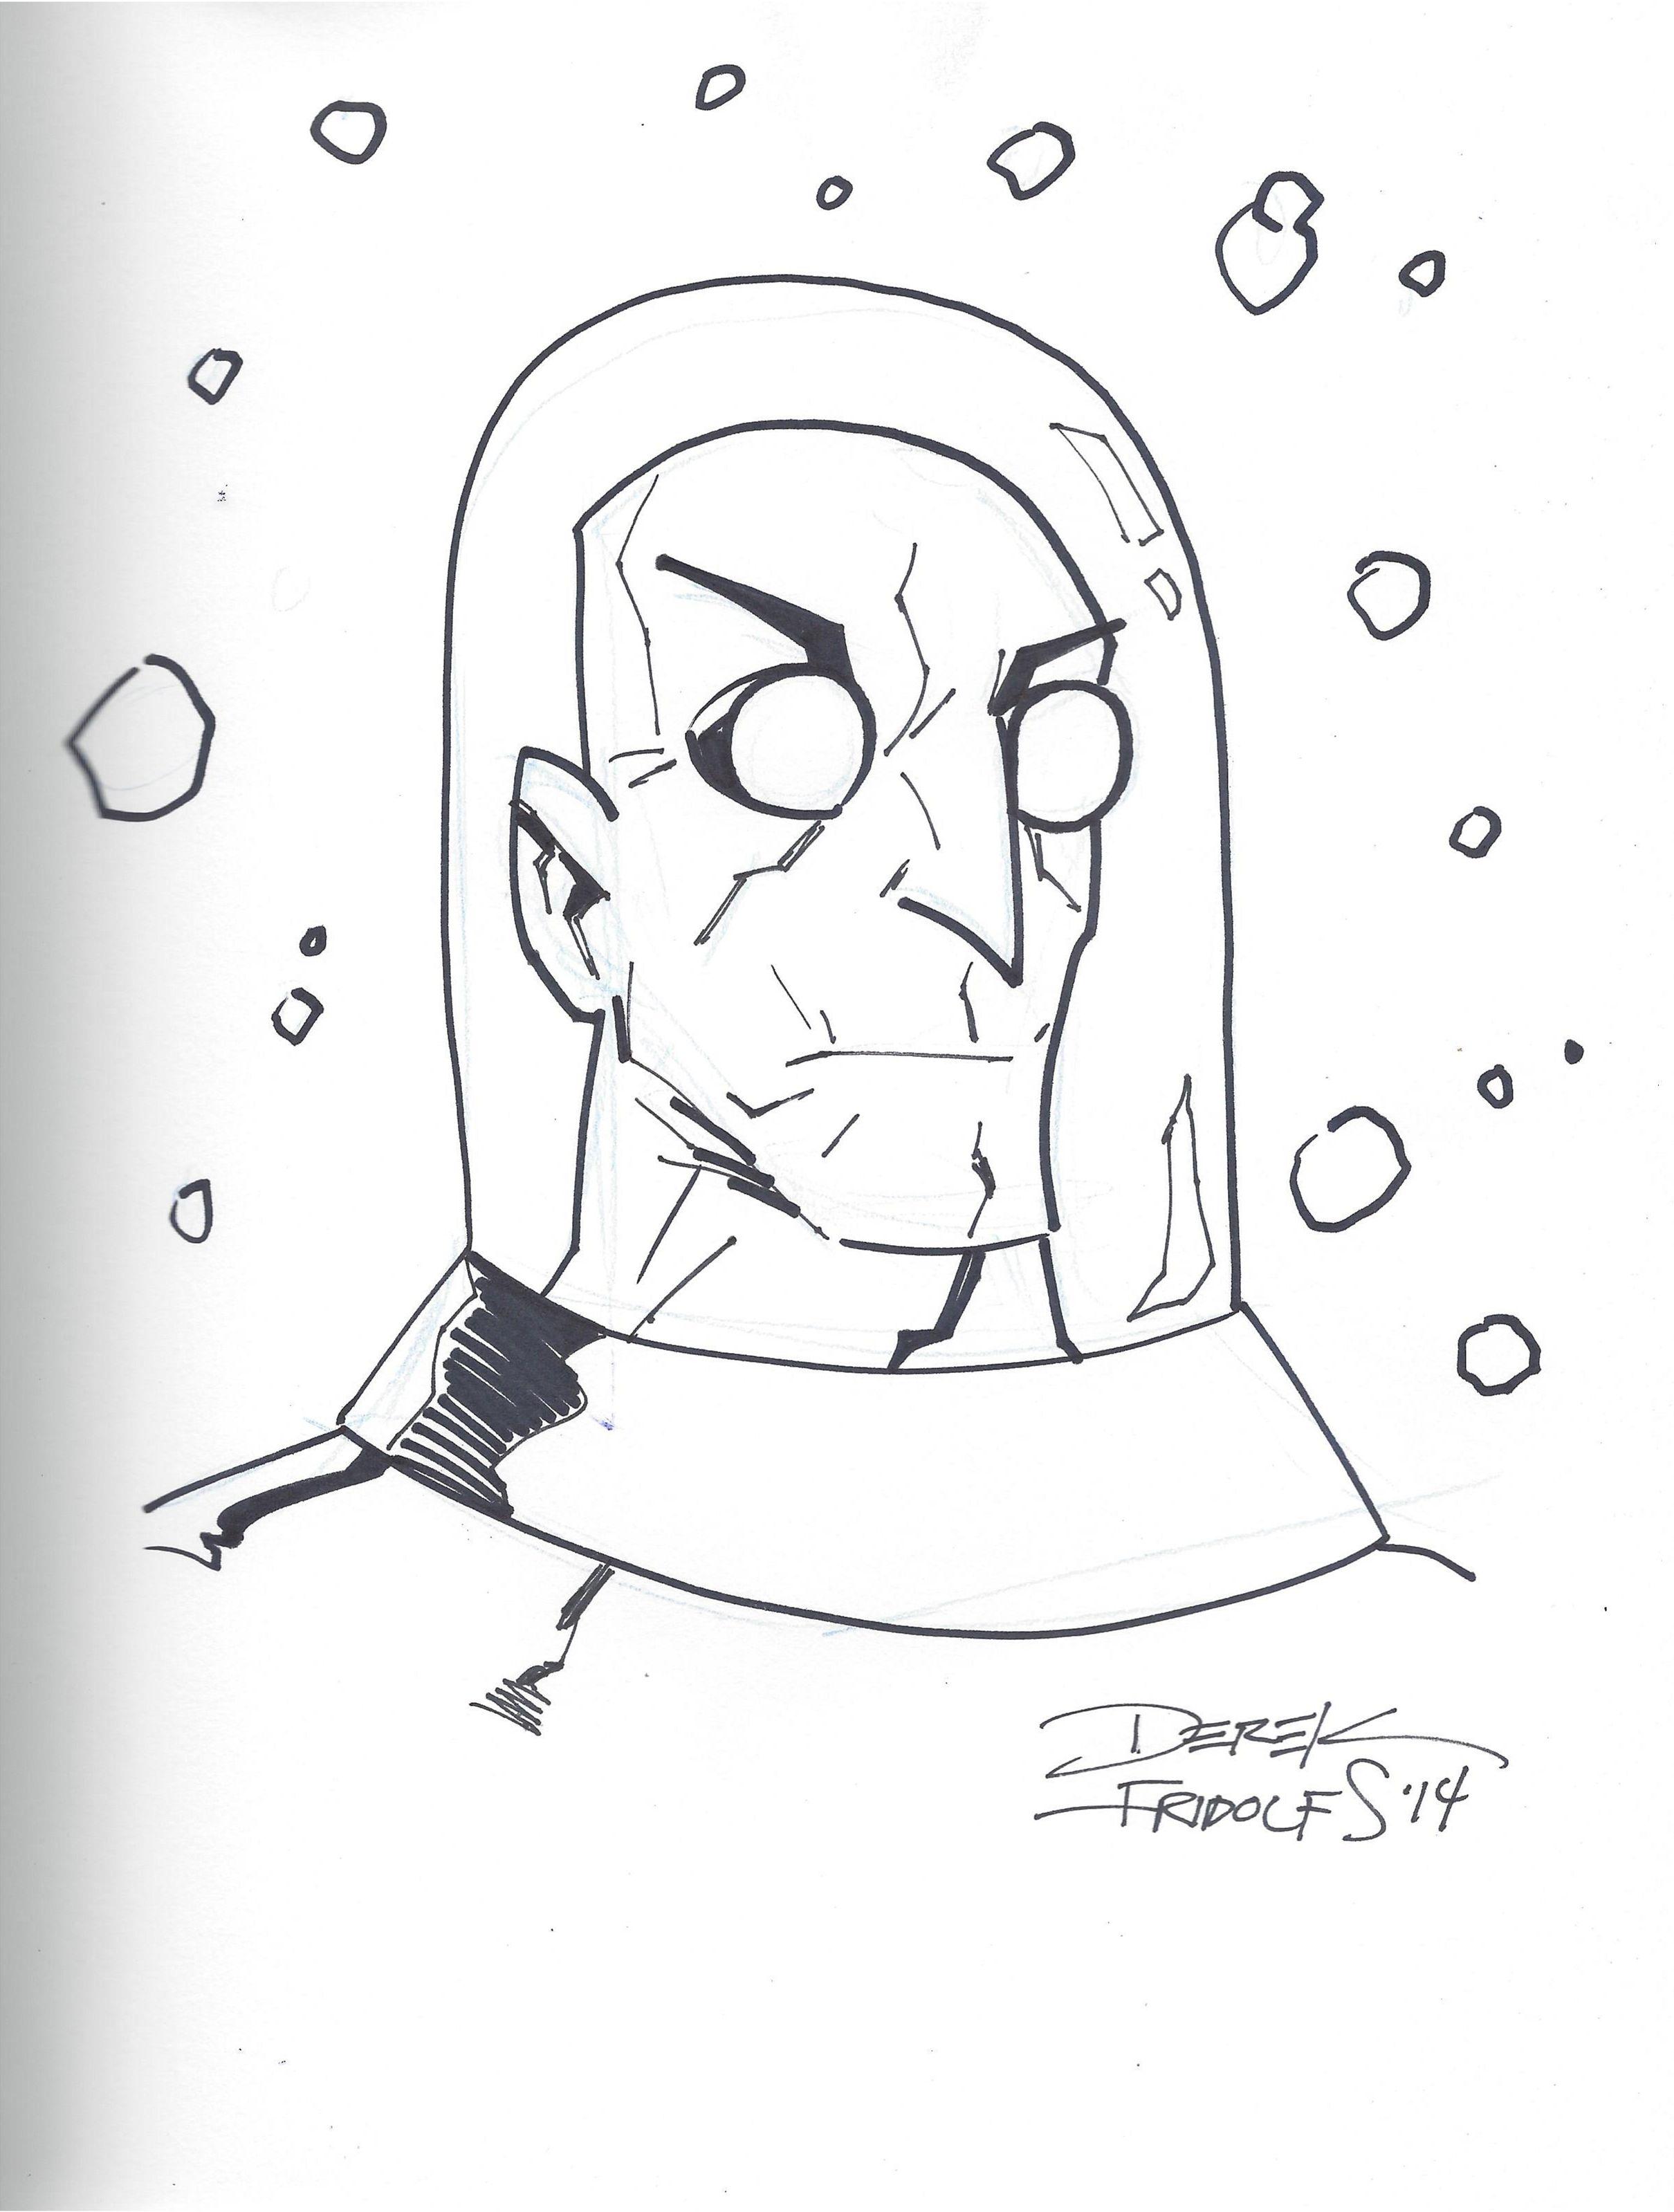 Mr. Freeze by Derek Fridolfs